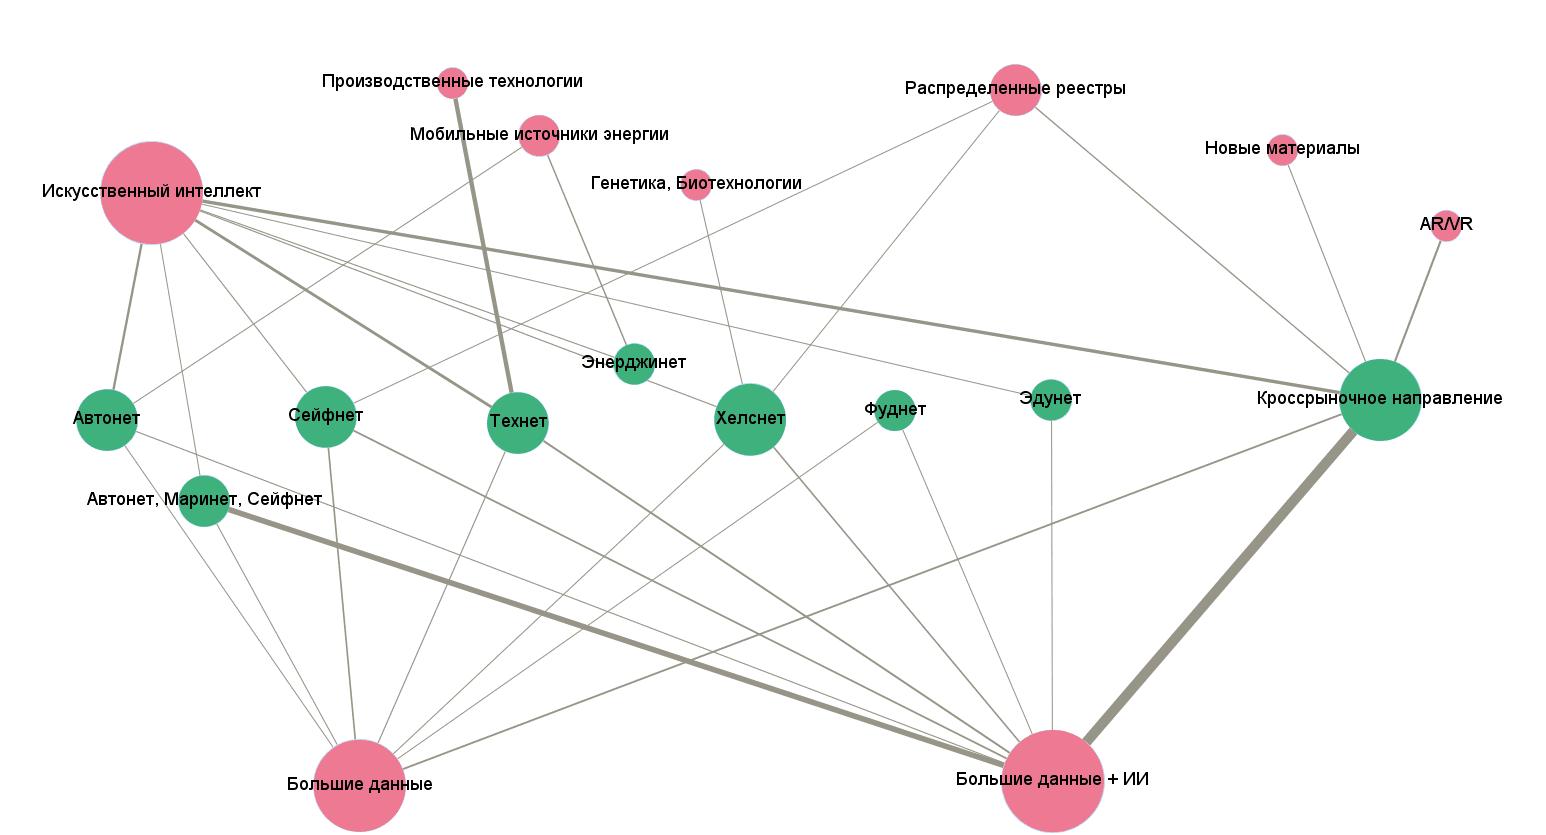 Построение графов для чайников: пошаговый гайд - 16